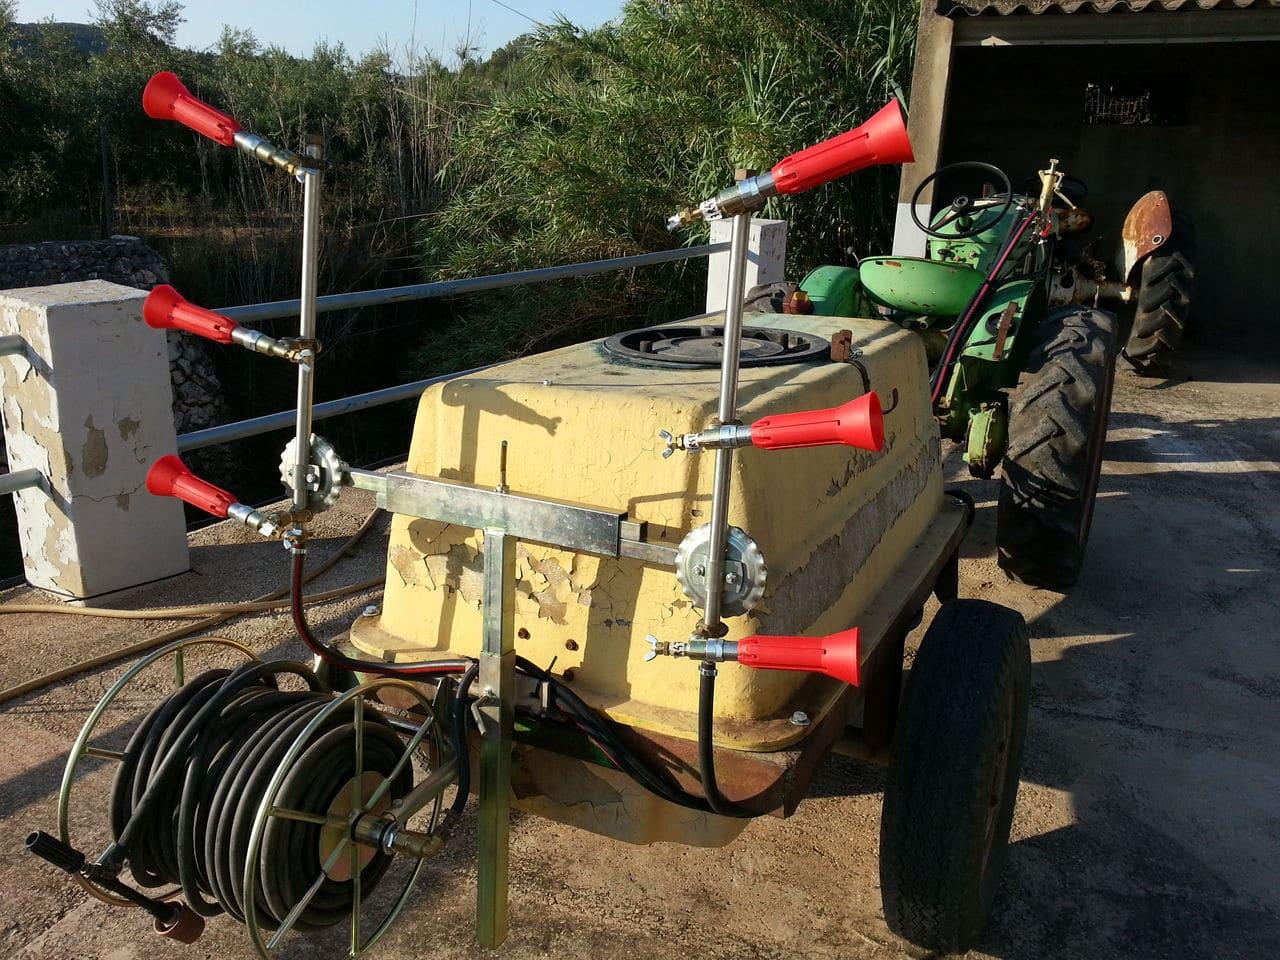 Restauración de una cuba de 600 litros para pasar la Inspección de Equipos de Aplicación de Fitosanitarios Barrasymanguera